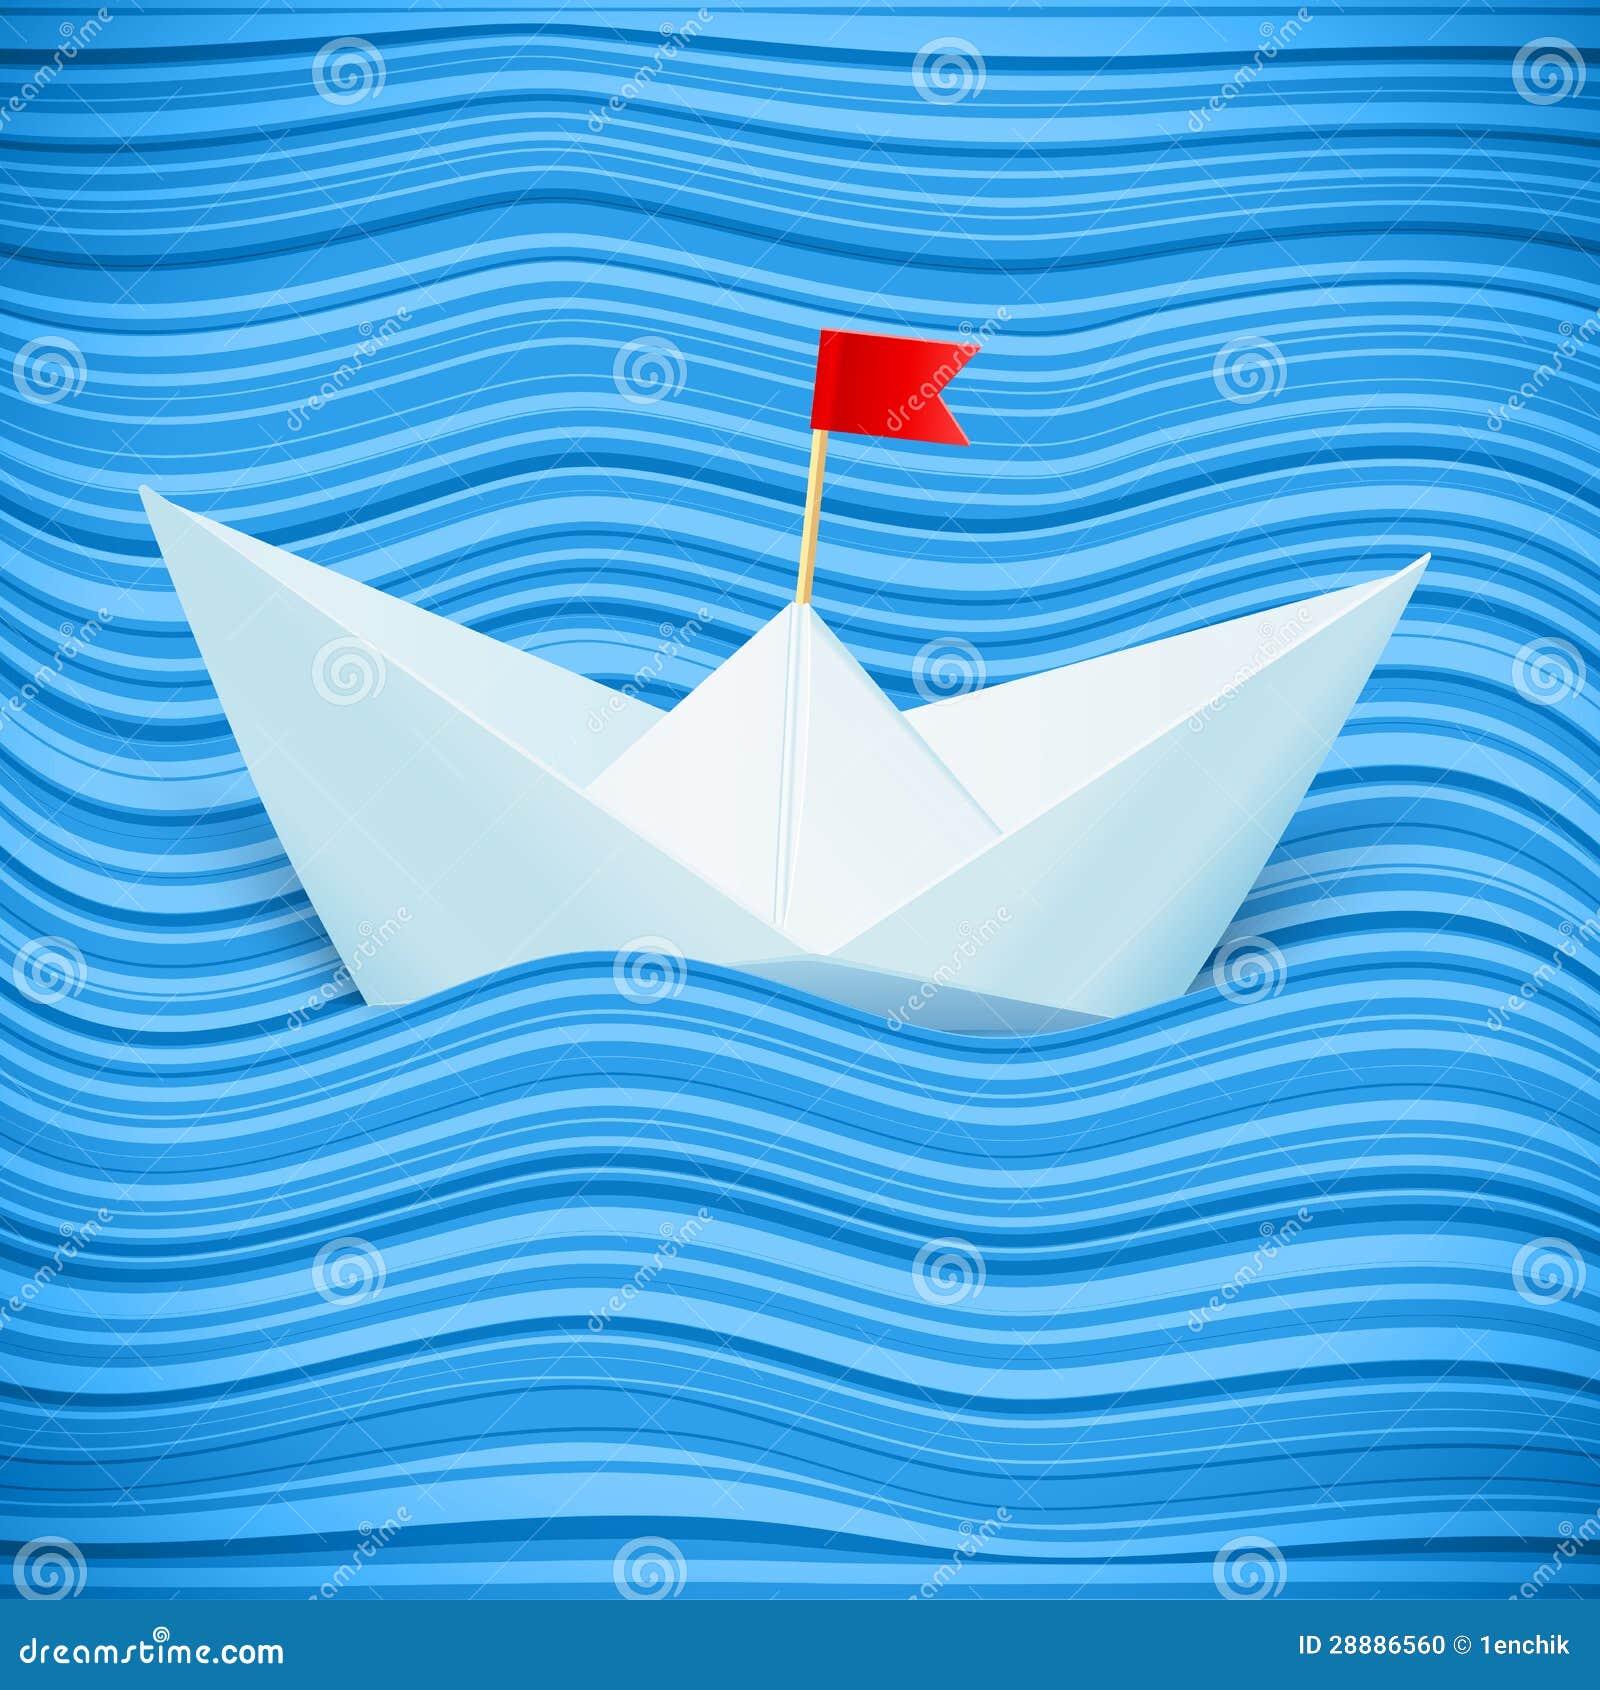 sea essays